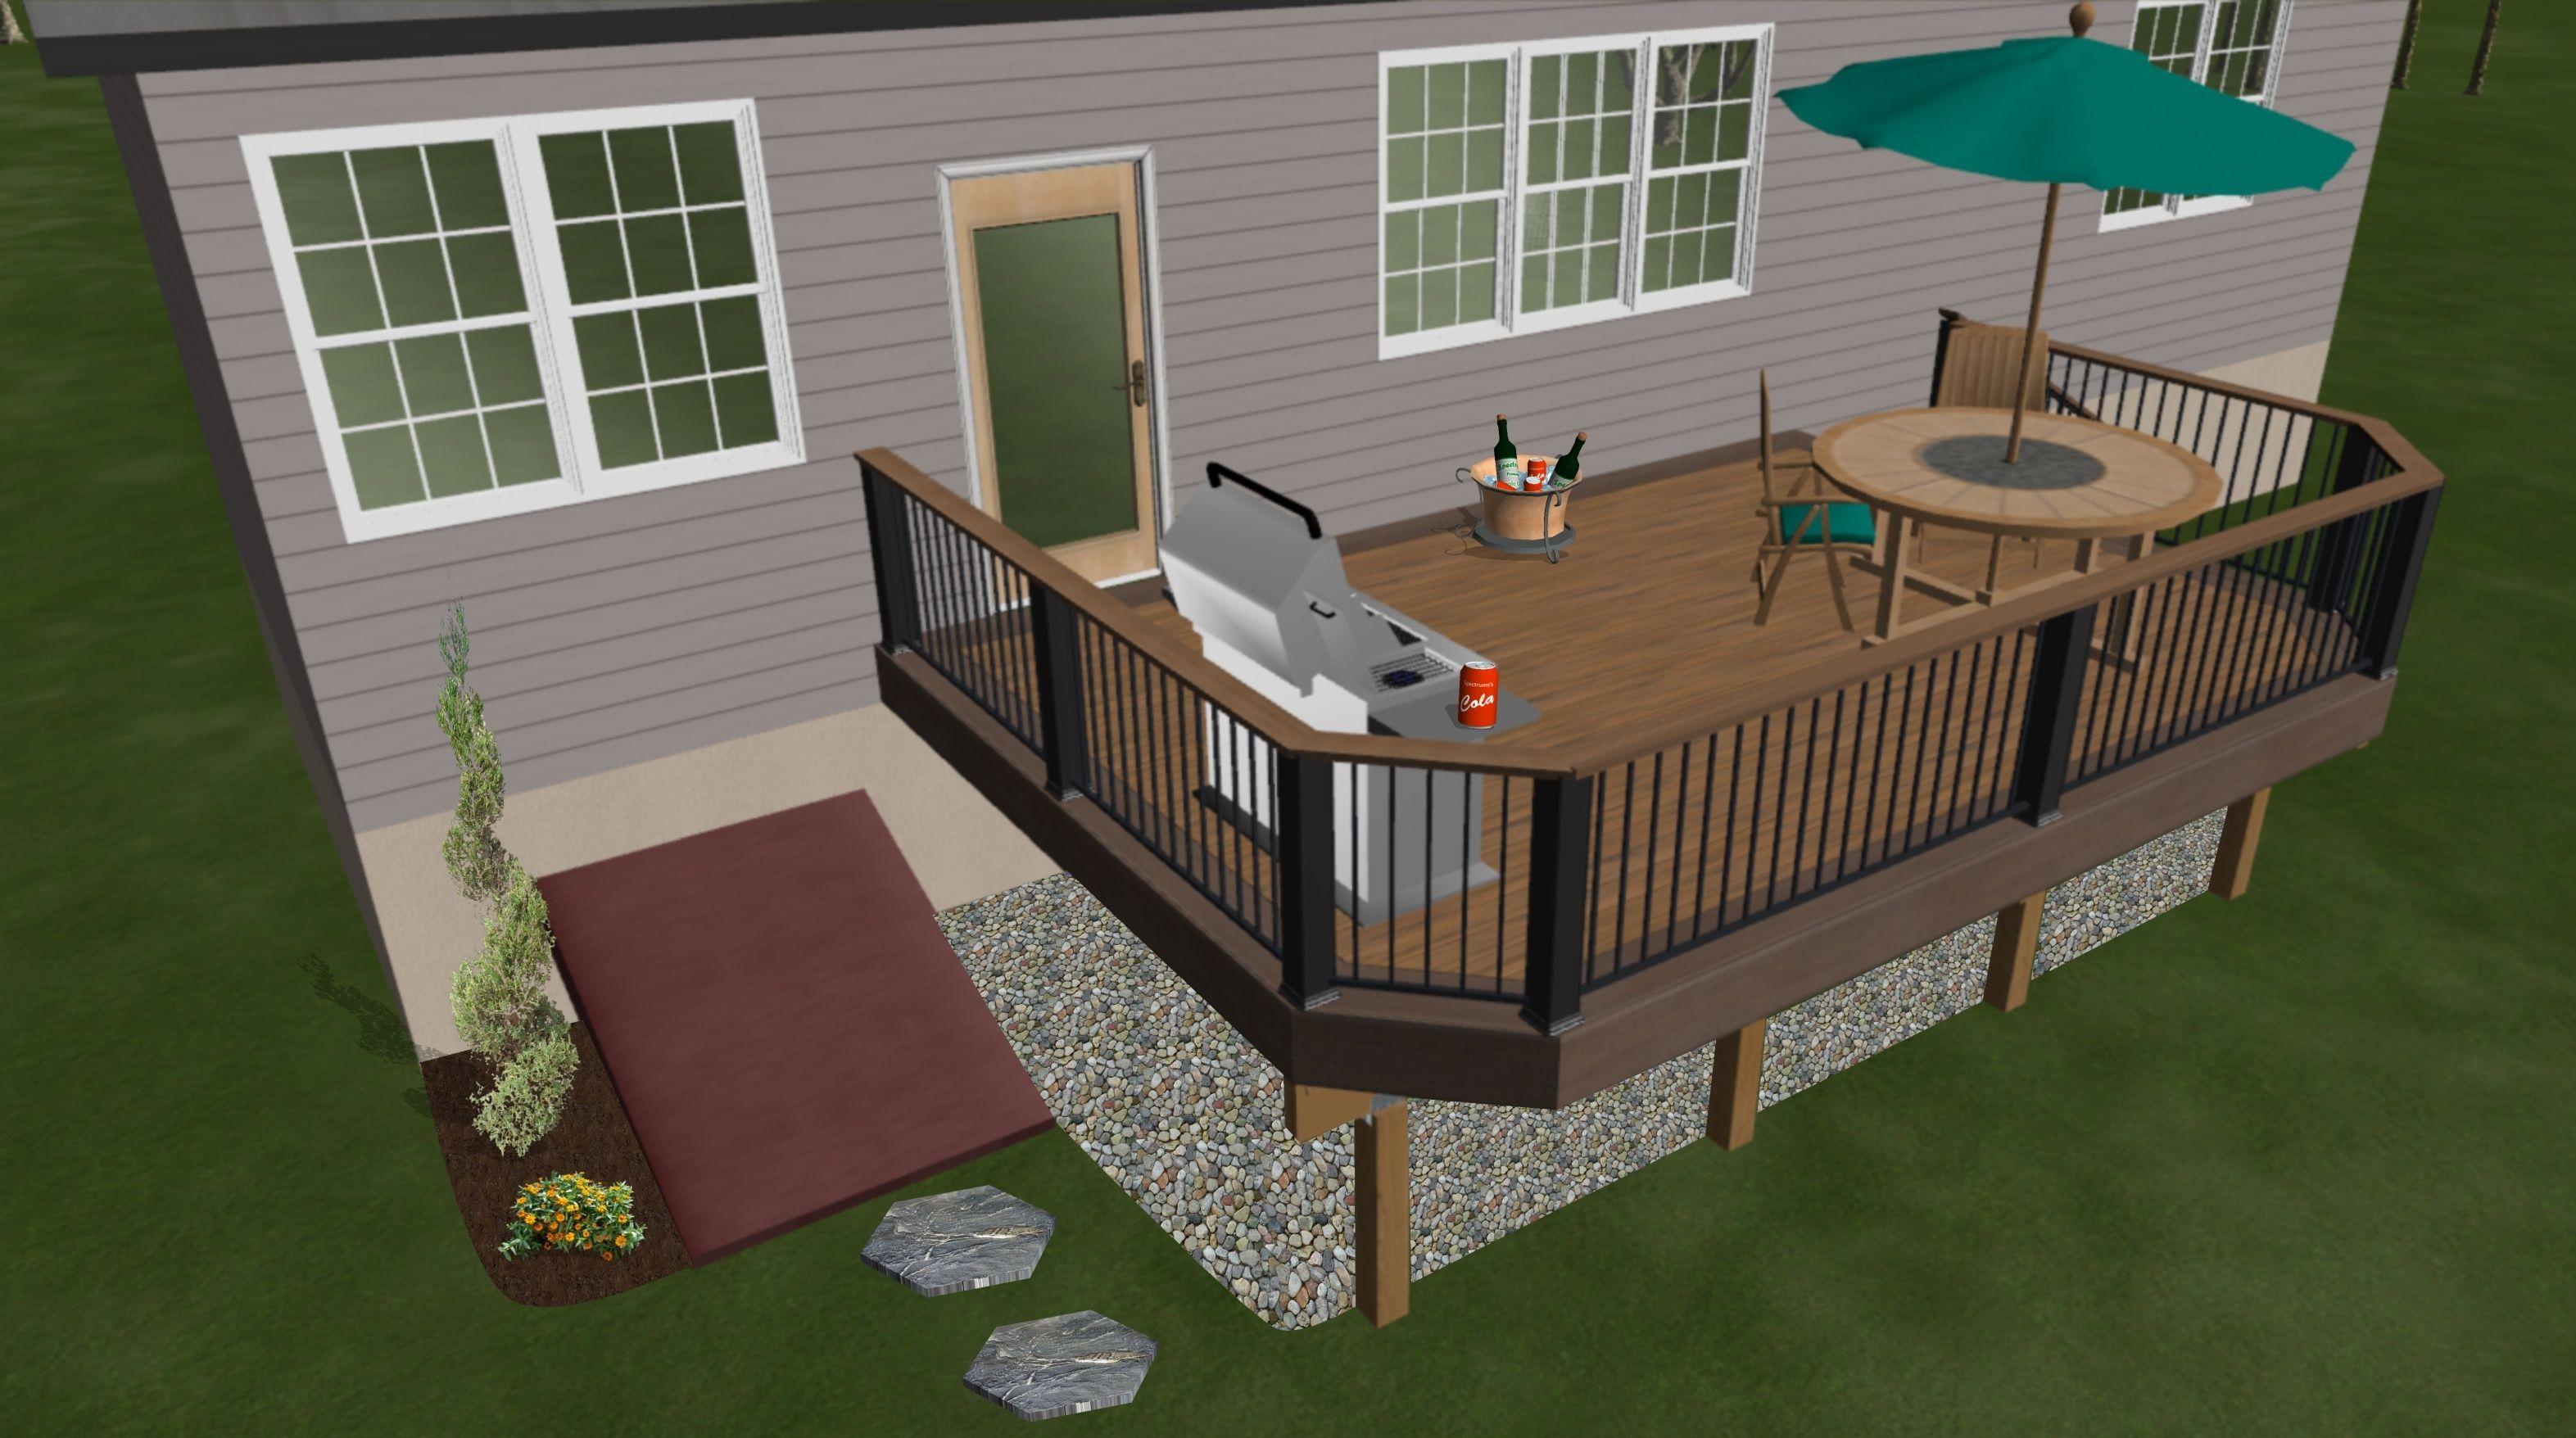 She even open a view window. A Simple Deck Replacement Update Deck Design Decks Backyard Deck